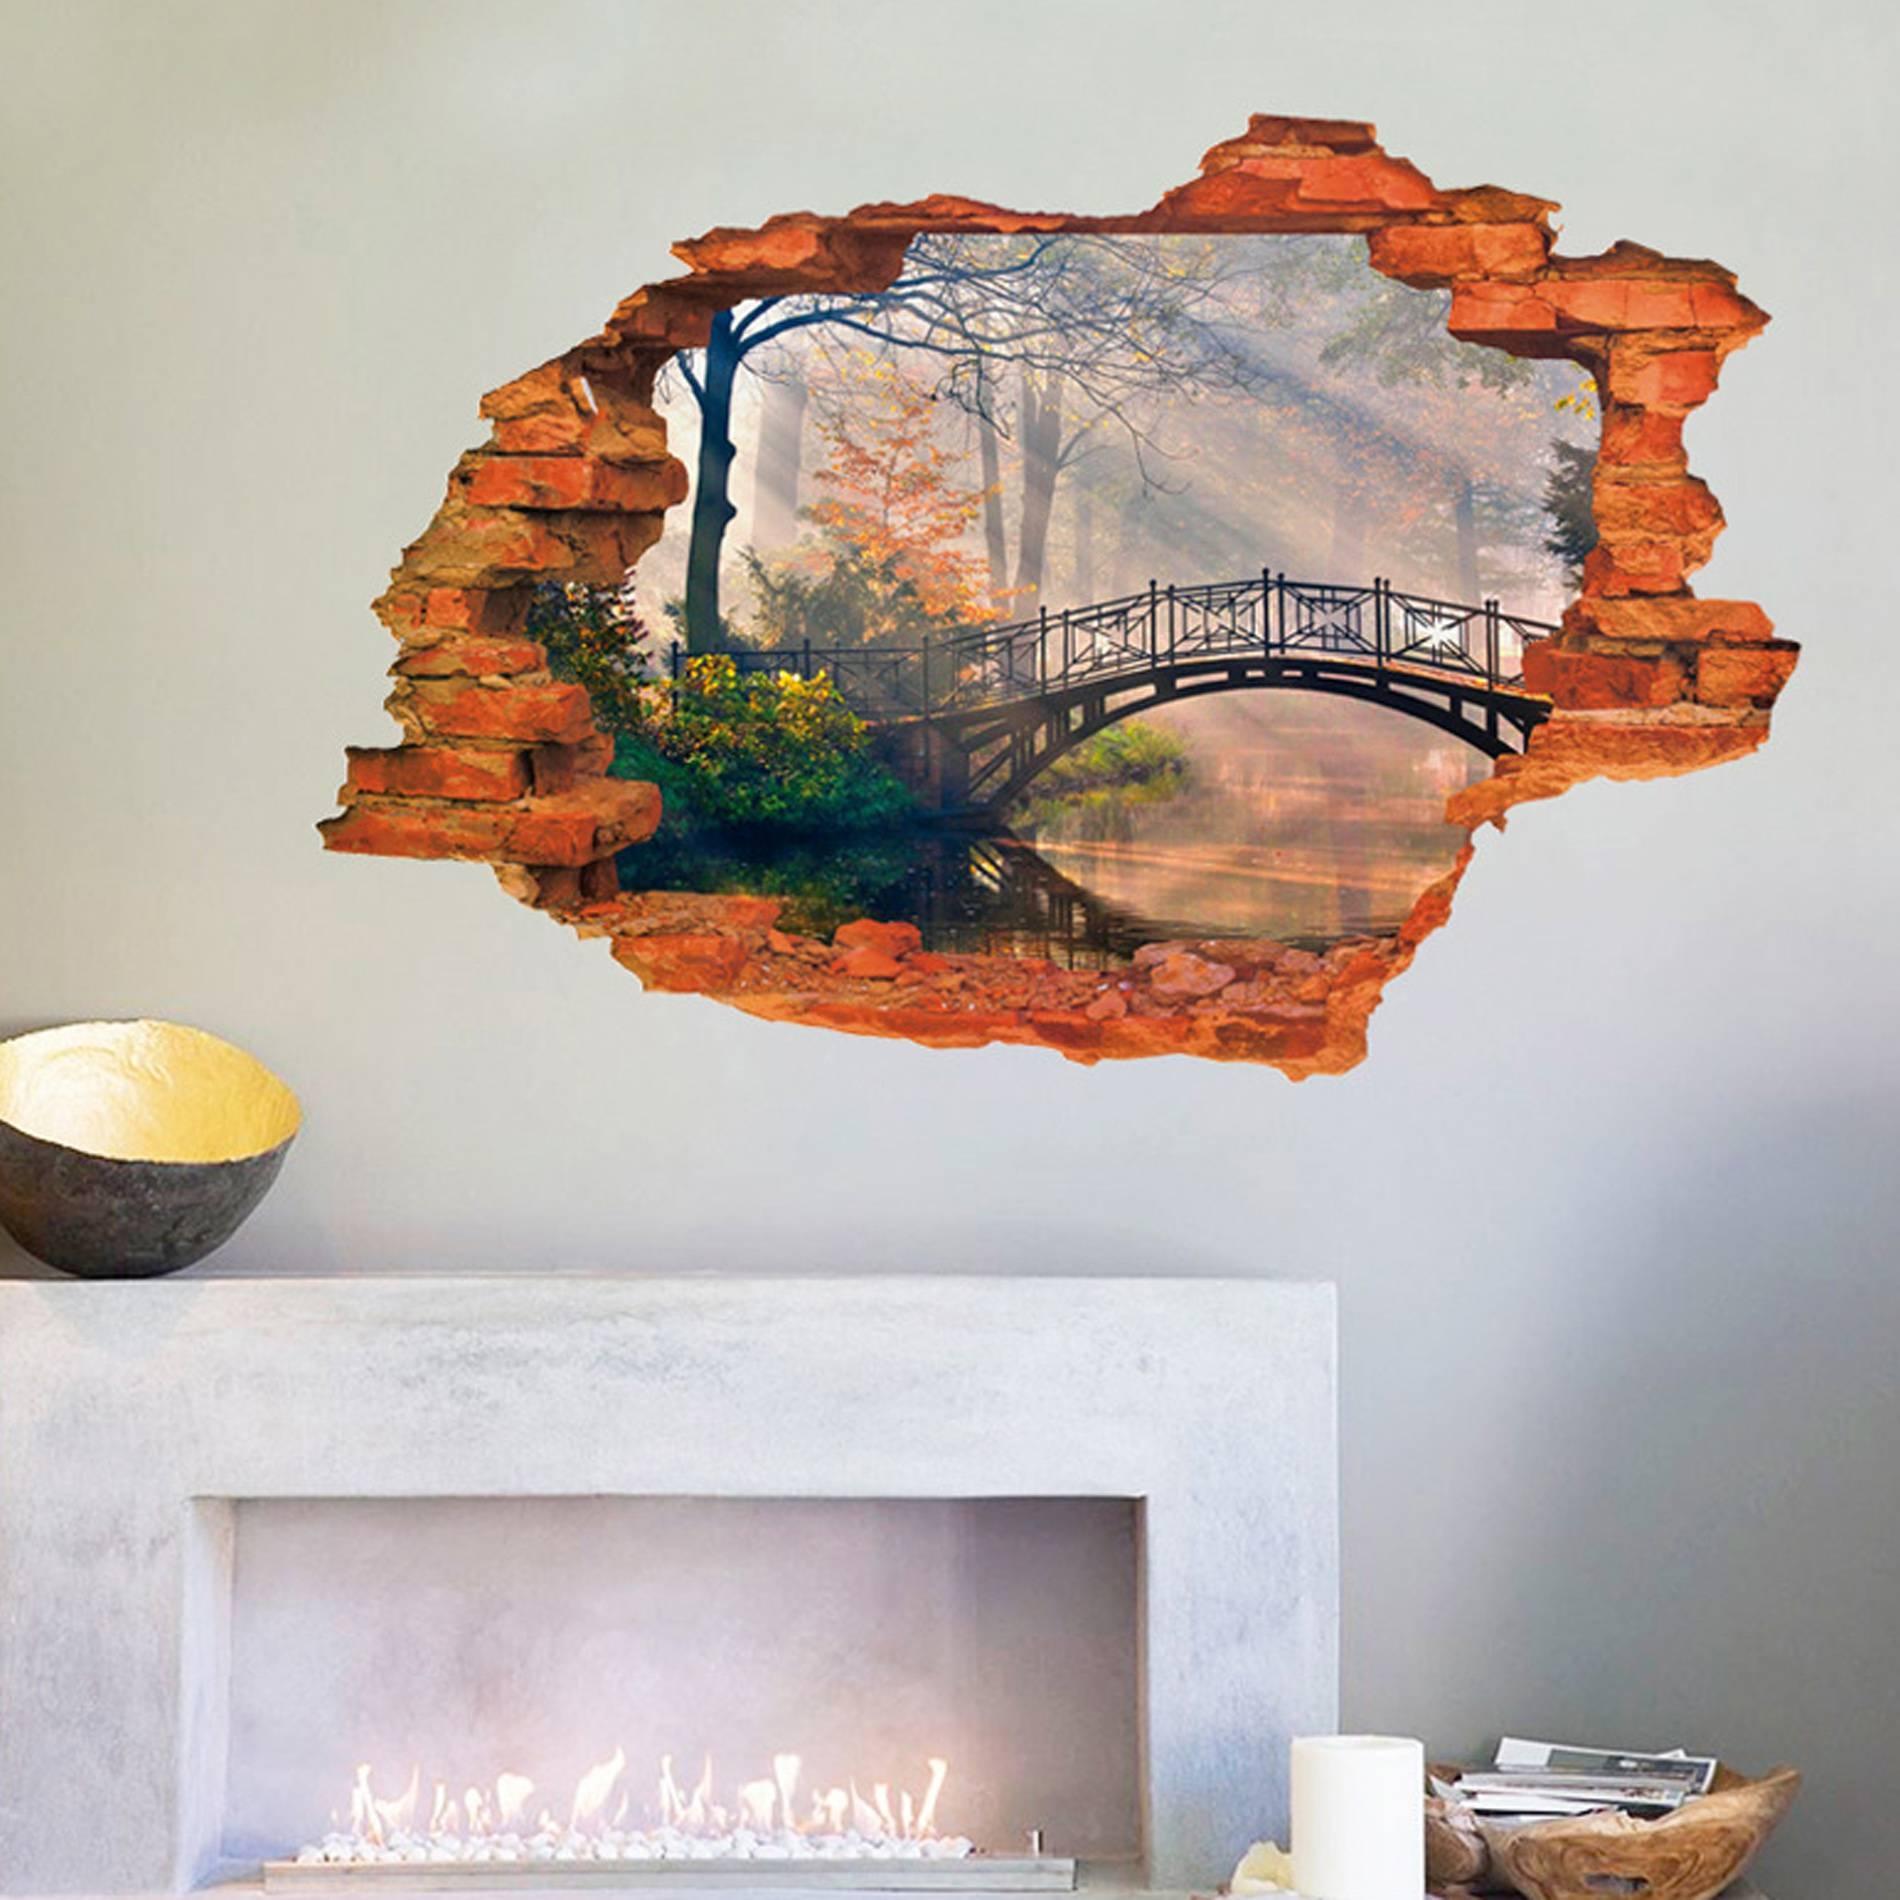 Removable 3d Broken Wall Stickers Art Vinyl Mural Home Decor + Key Regarding Most Recent Vinyl 3d Wall Art (View 4 of 20)